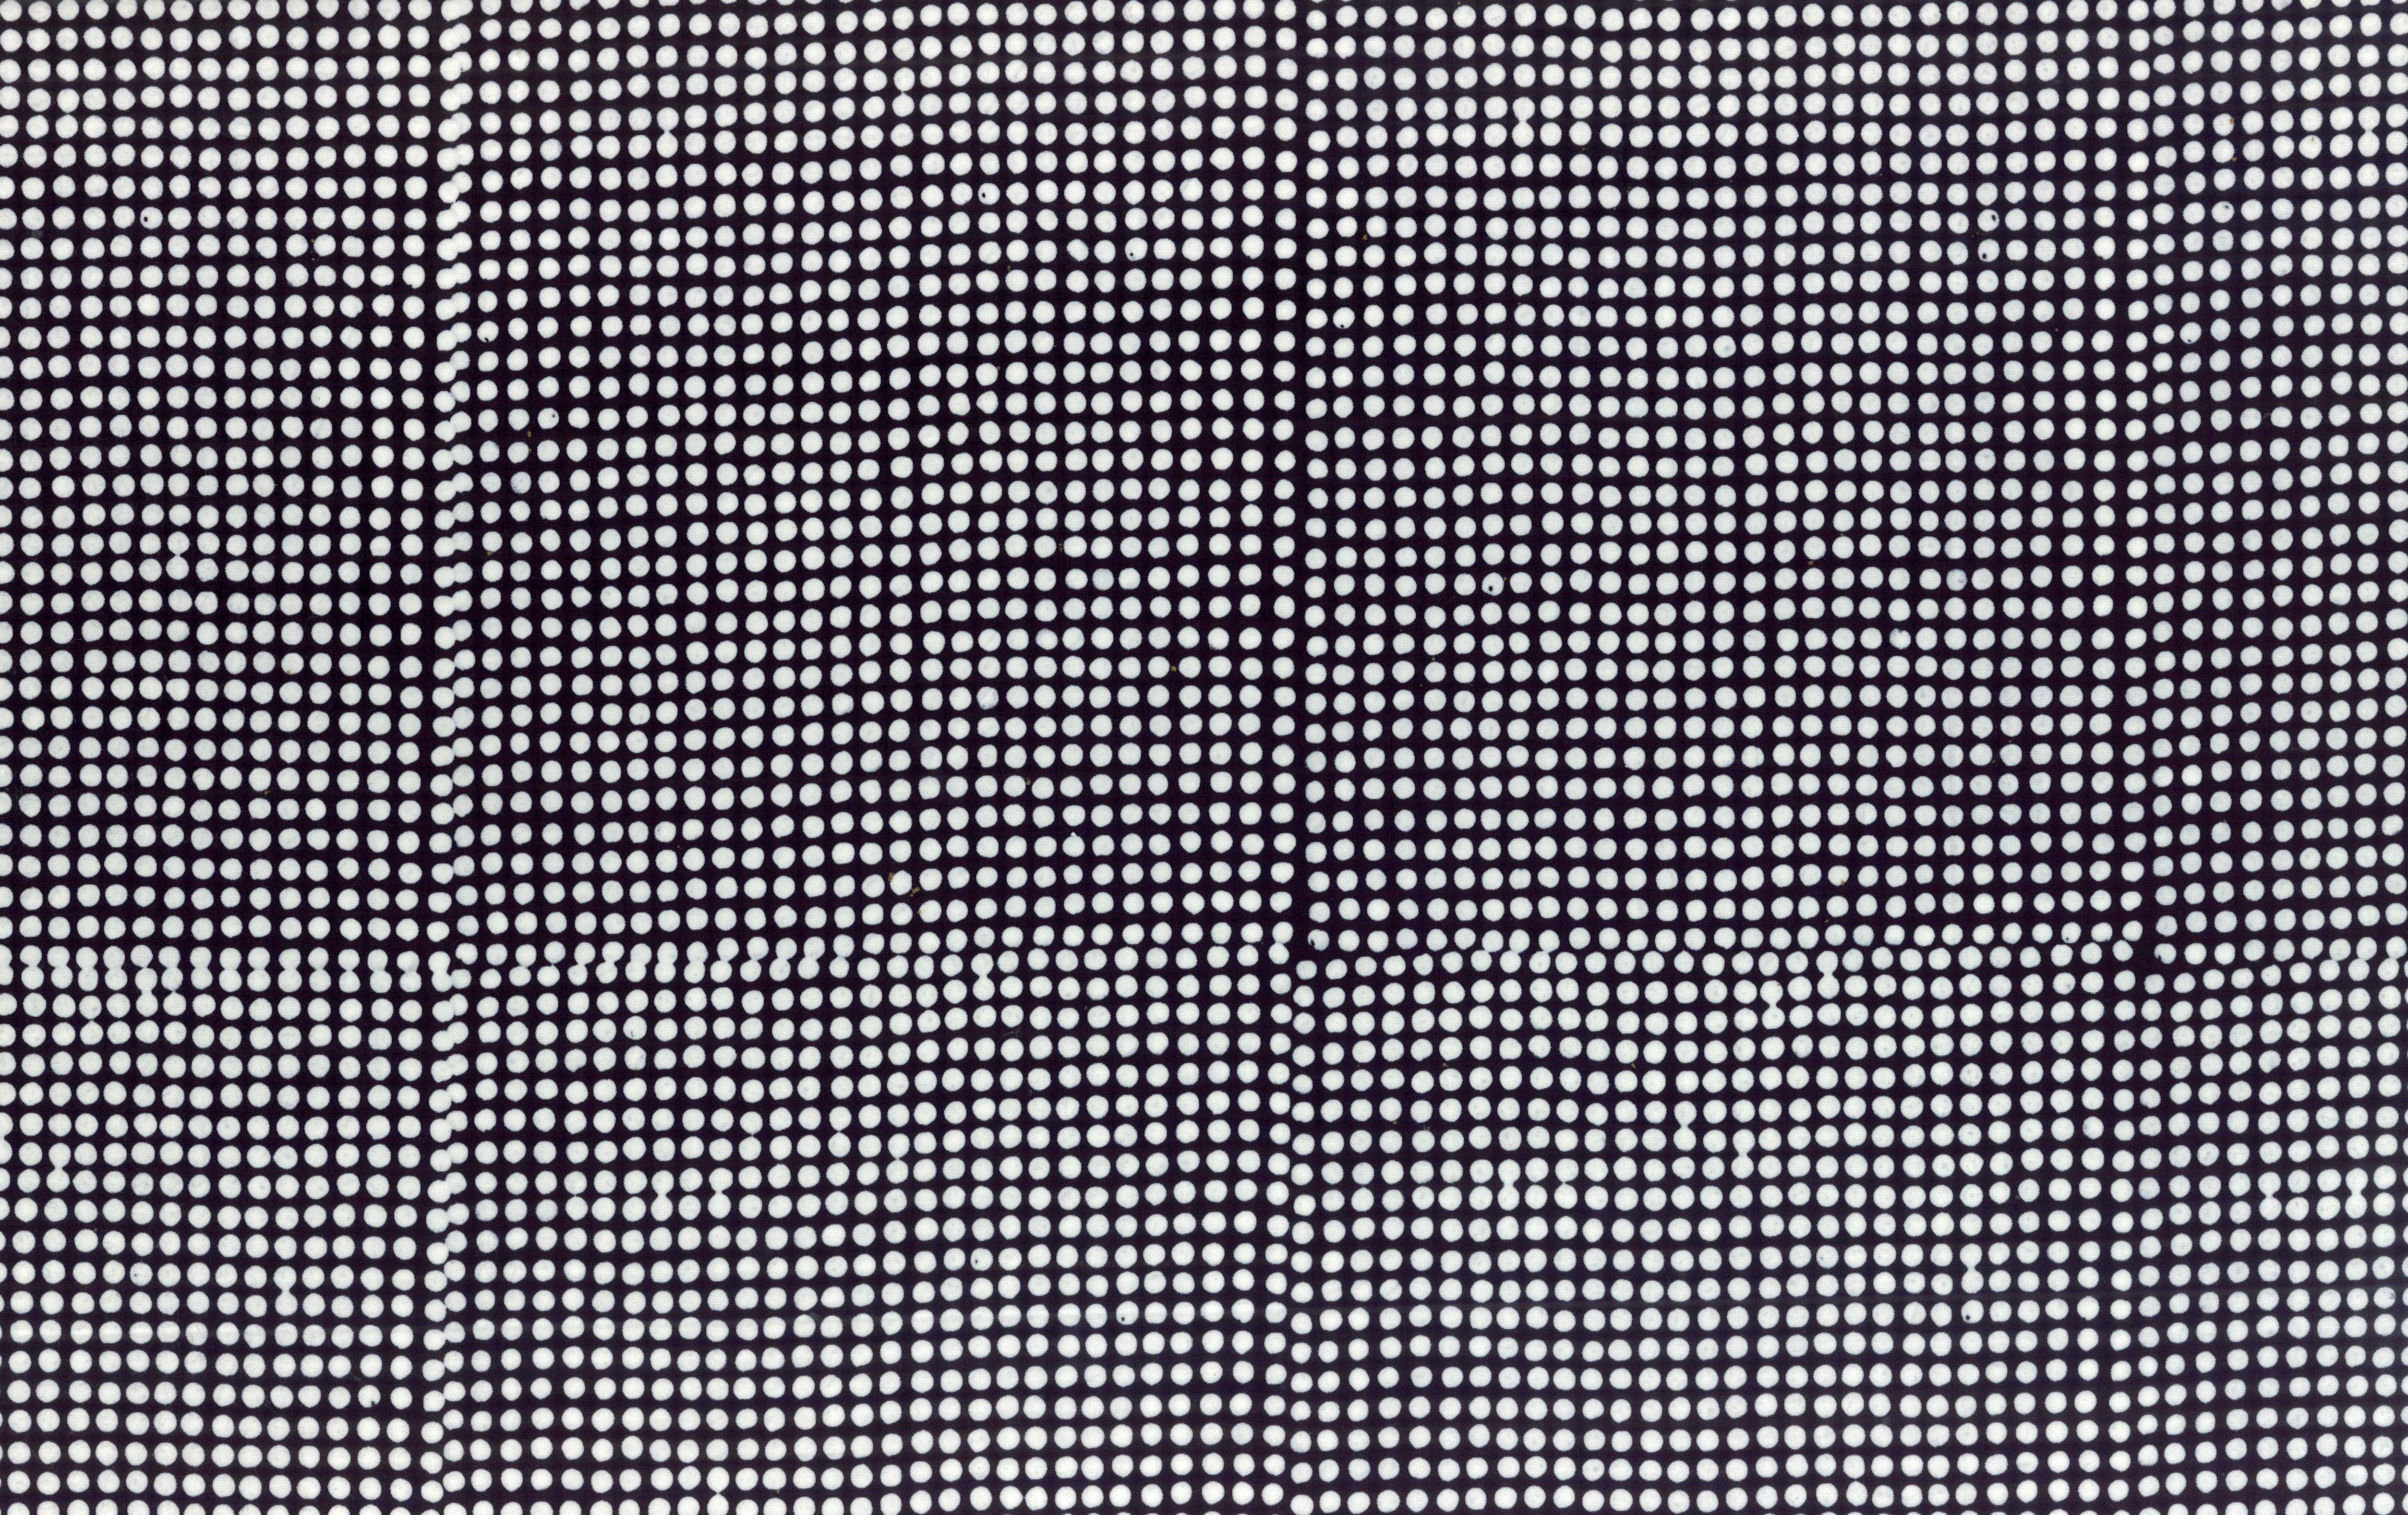 102-163-Zebra.jpg